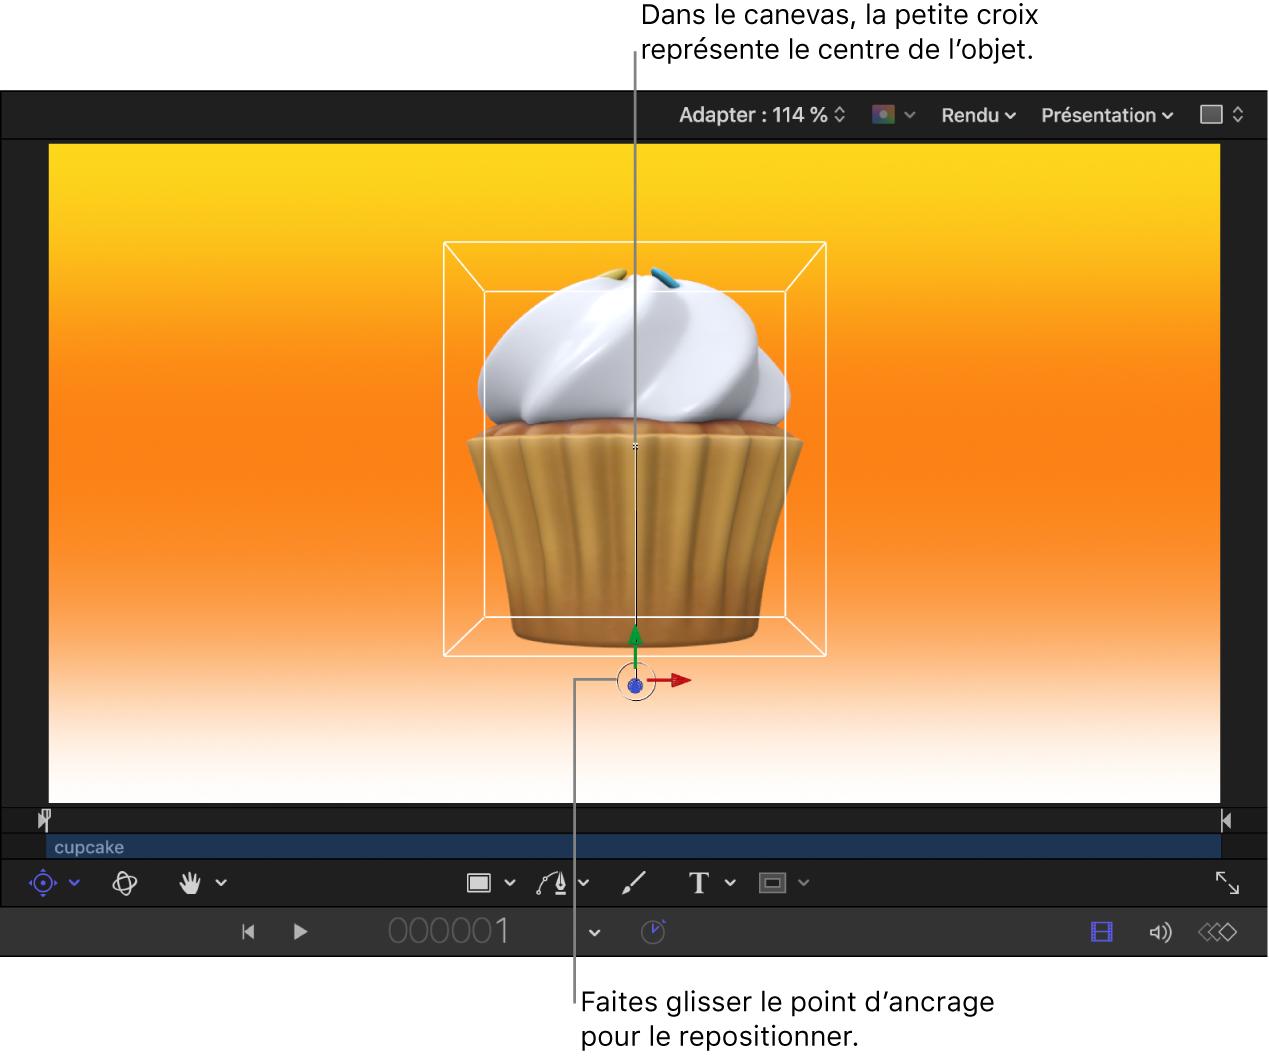 Canevas affichant le point d'ancrage de décalage de l'objet3D, le point central de l'objet et les commandes à l'écran Point d'ancrage